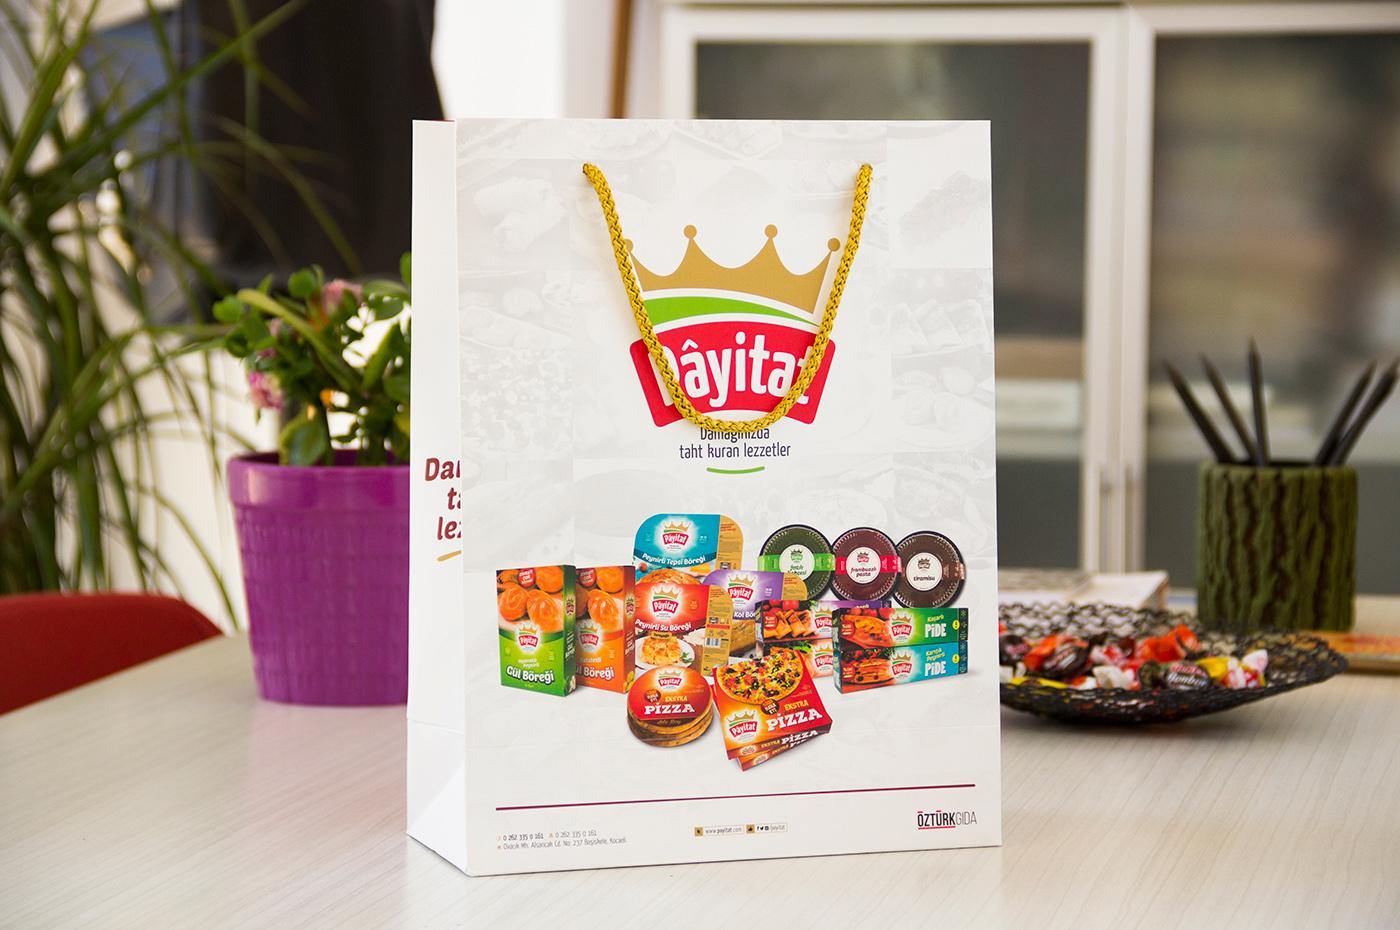 çanta kurumsal öztürk Gıda payitat tasarım